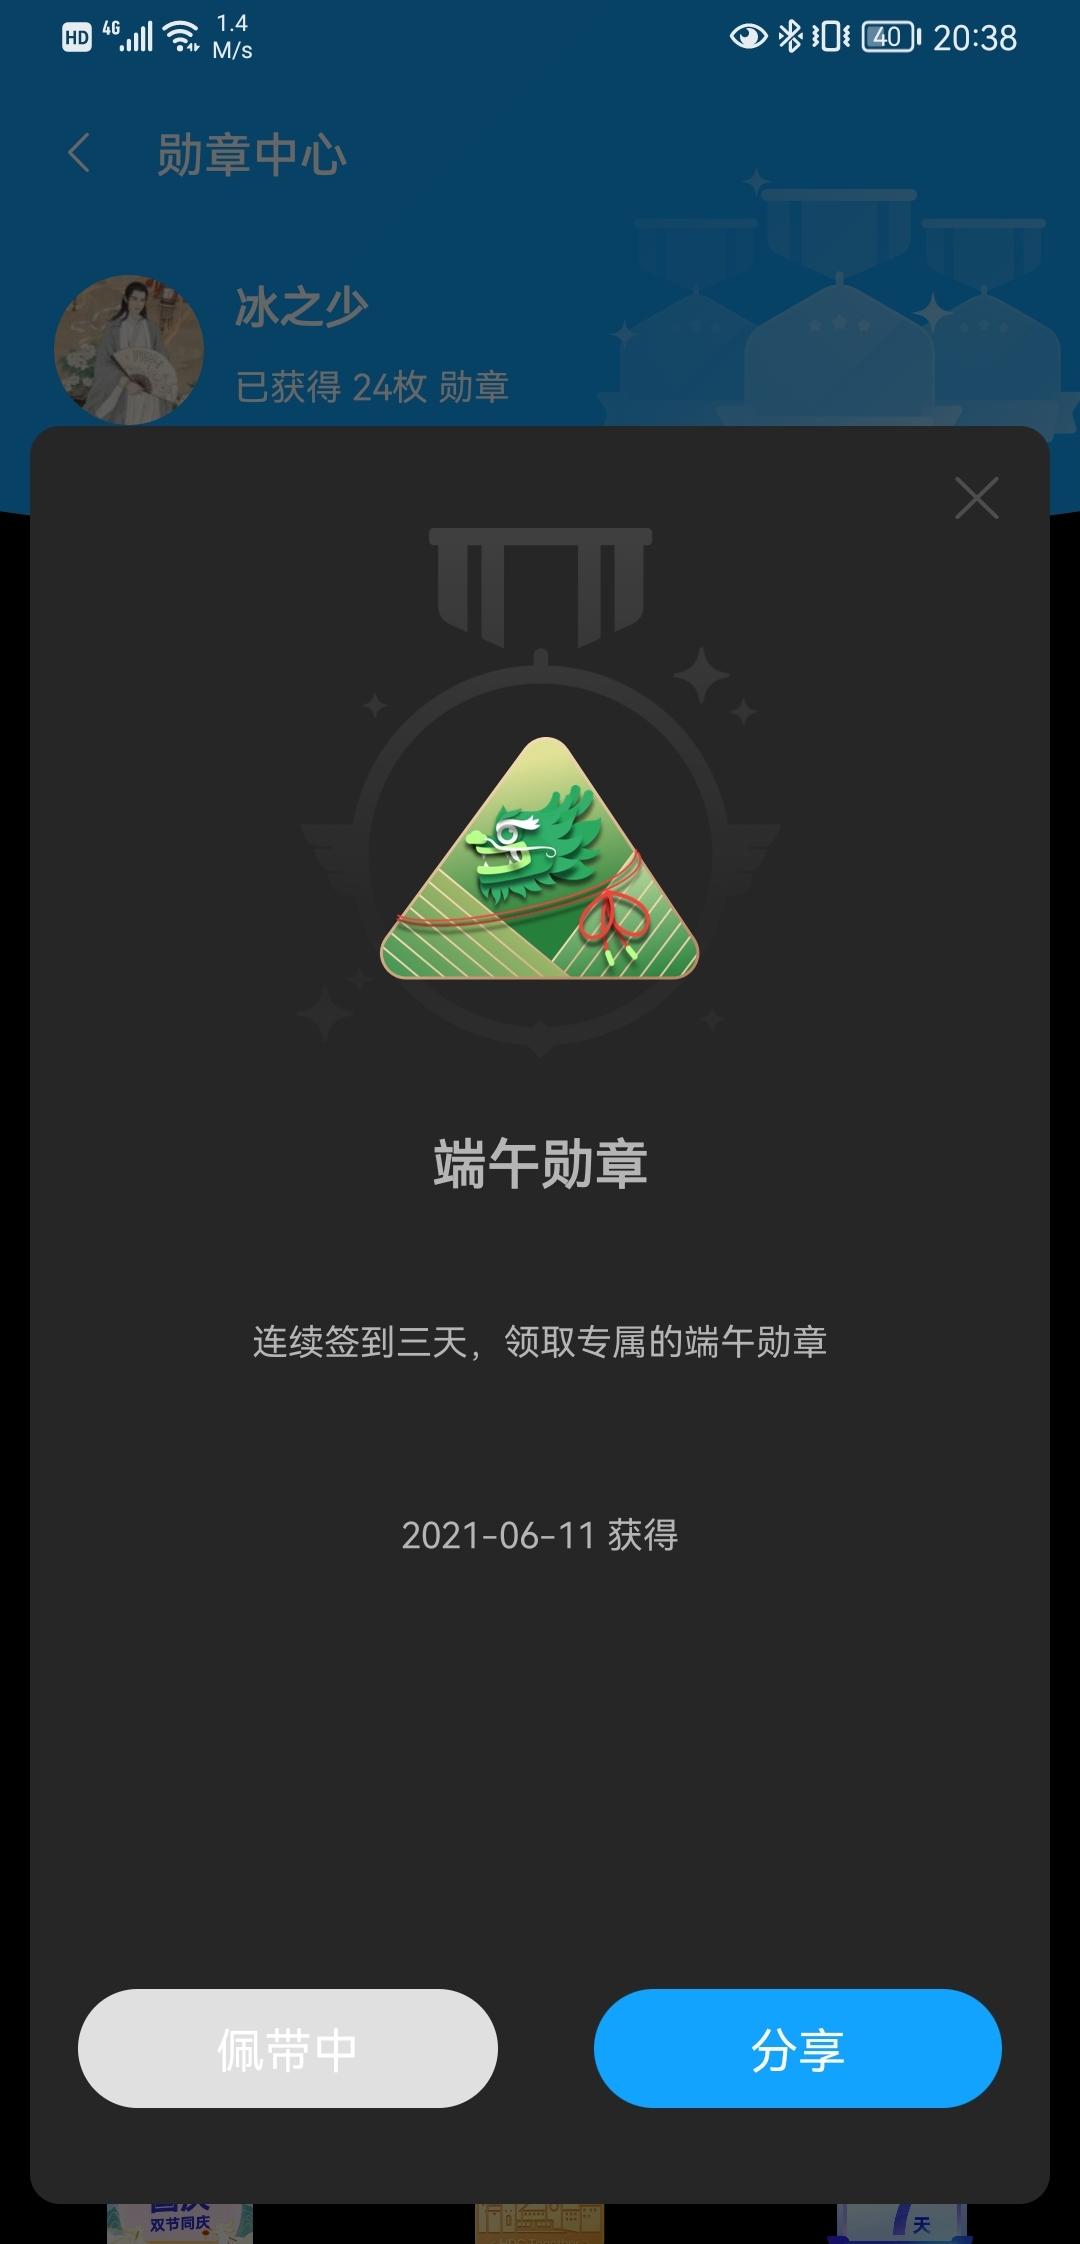 Screenshot_20210611_203810_com.huawei.fans.jpg